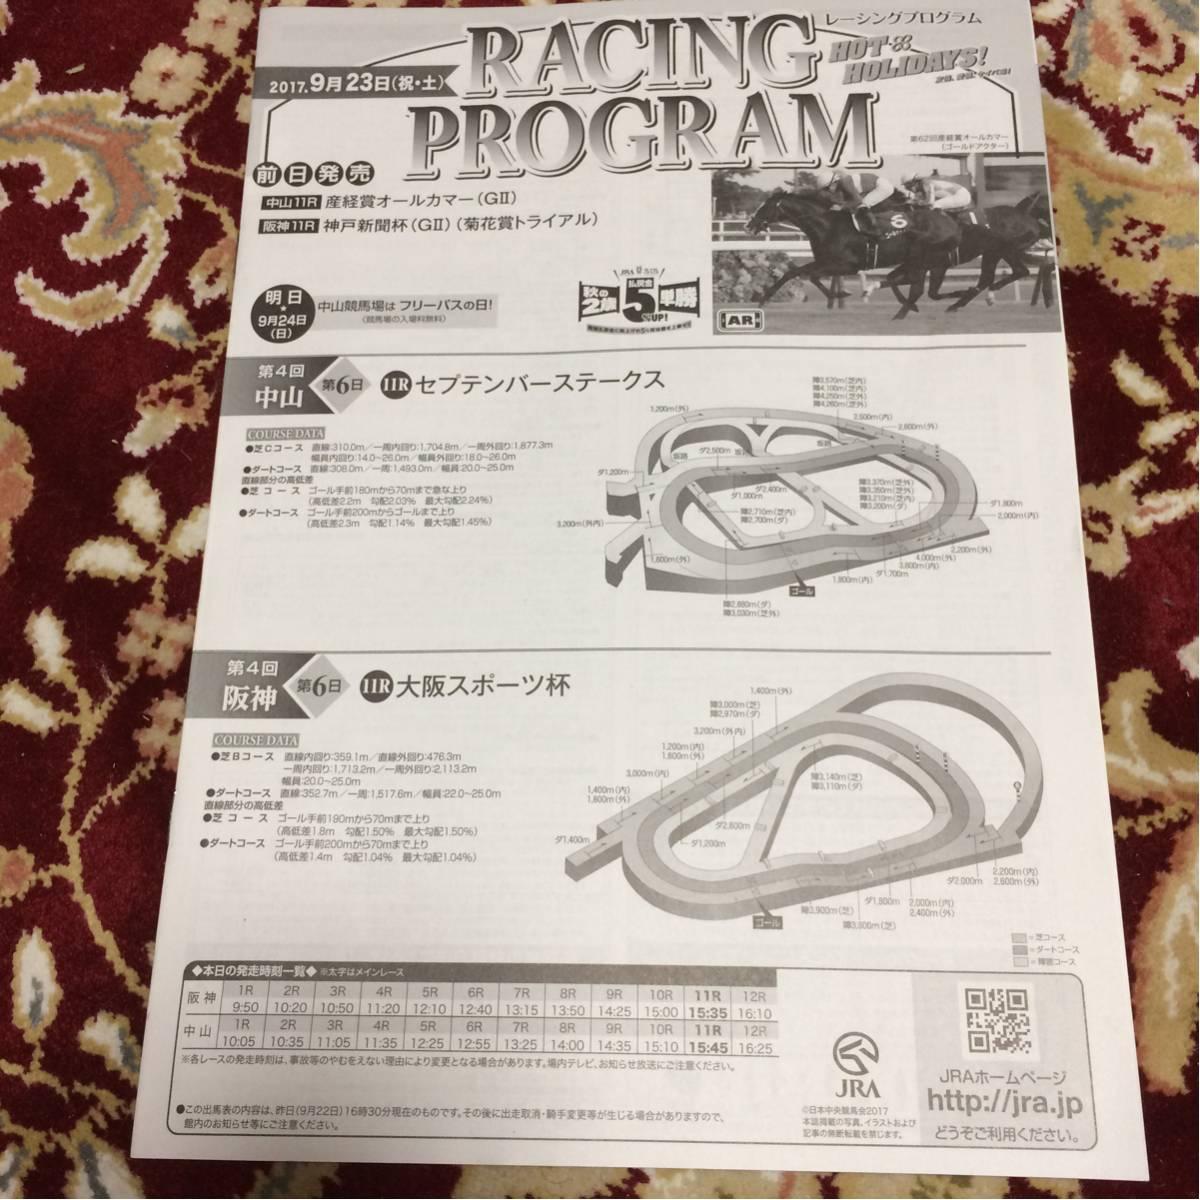 JRAレーシングプログラム2017.9月23日(祝・土)セプテンバーステークス、大阪スポーツ杯_画像1